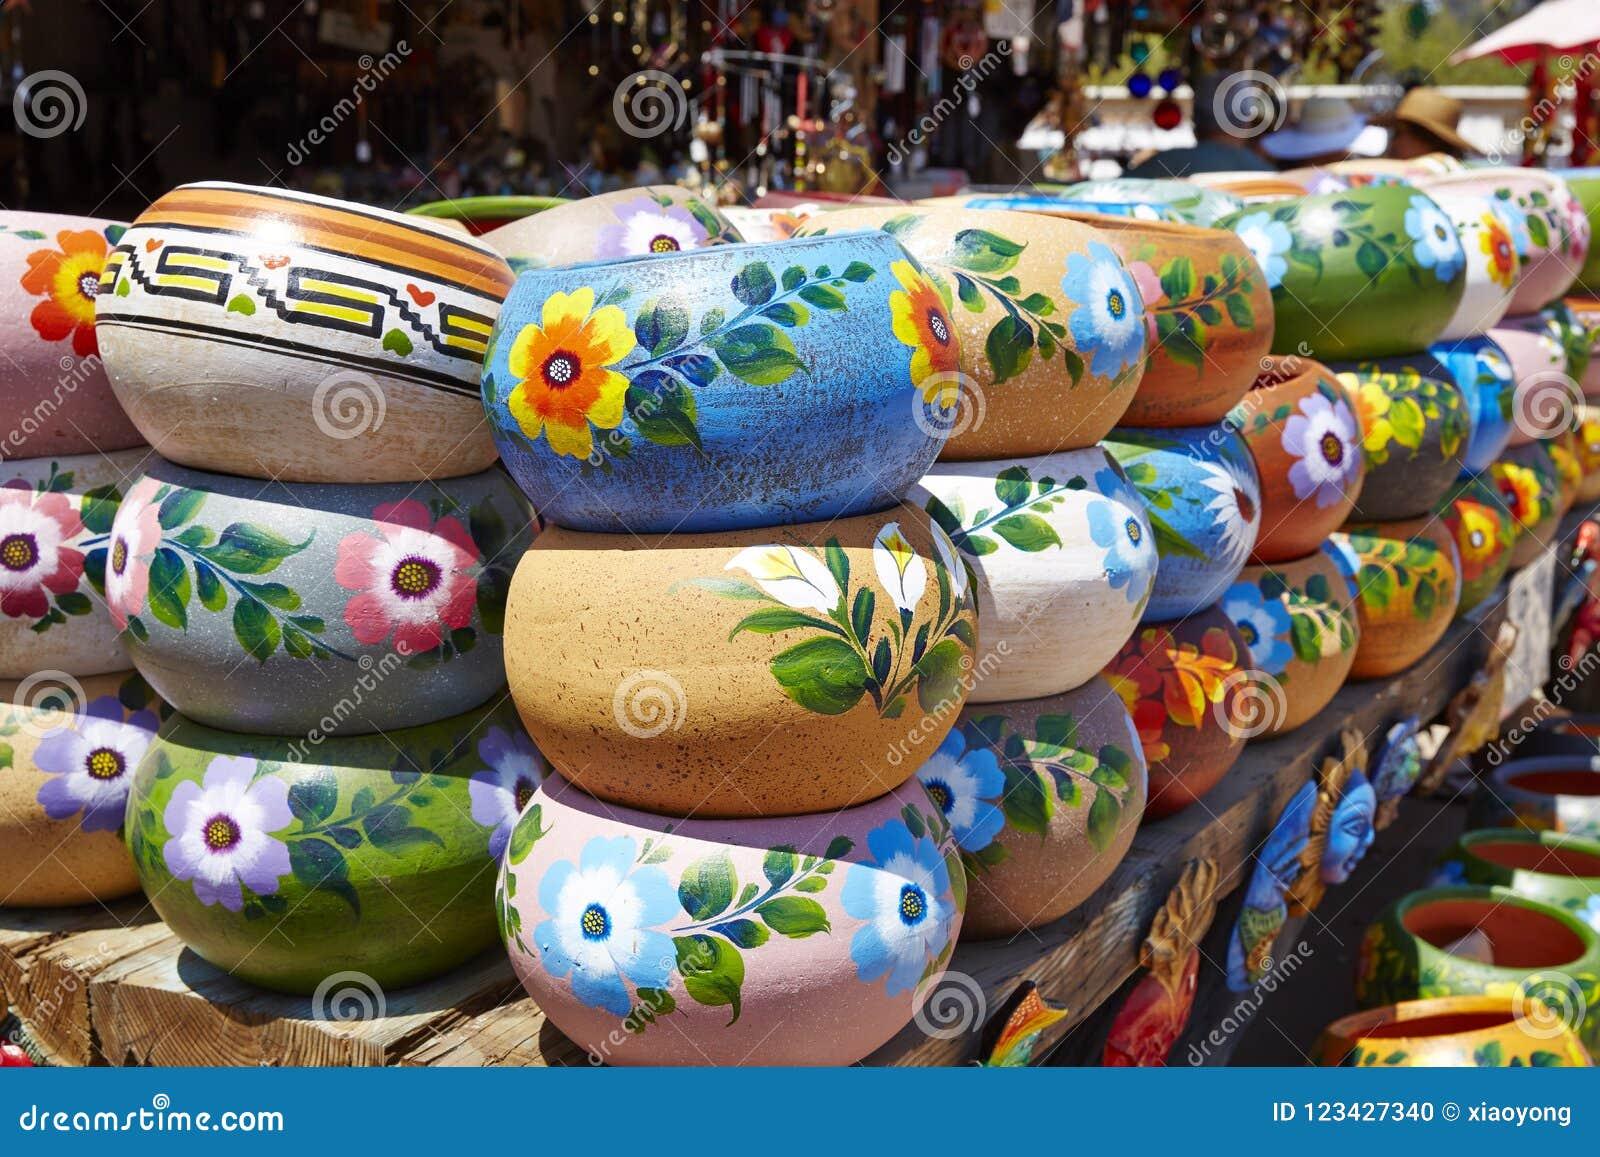 La porcelaine mexicaine et handcraft